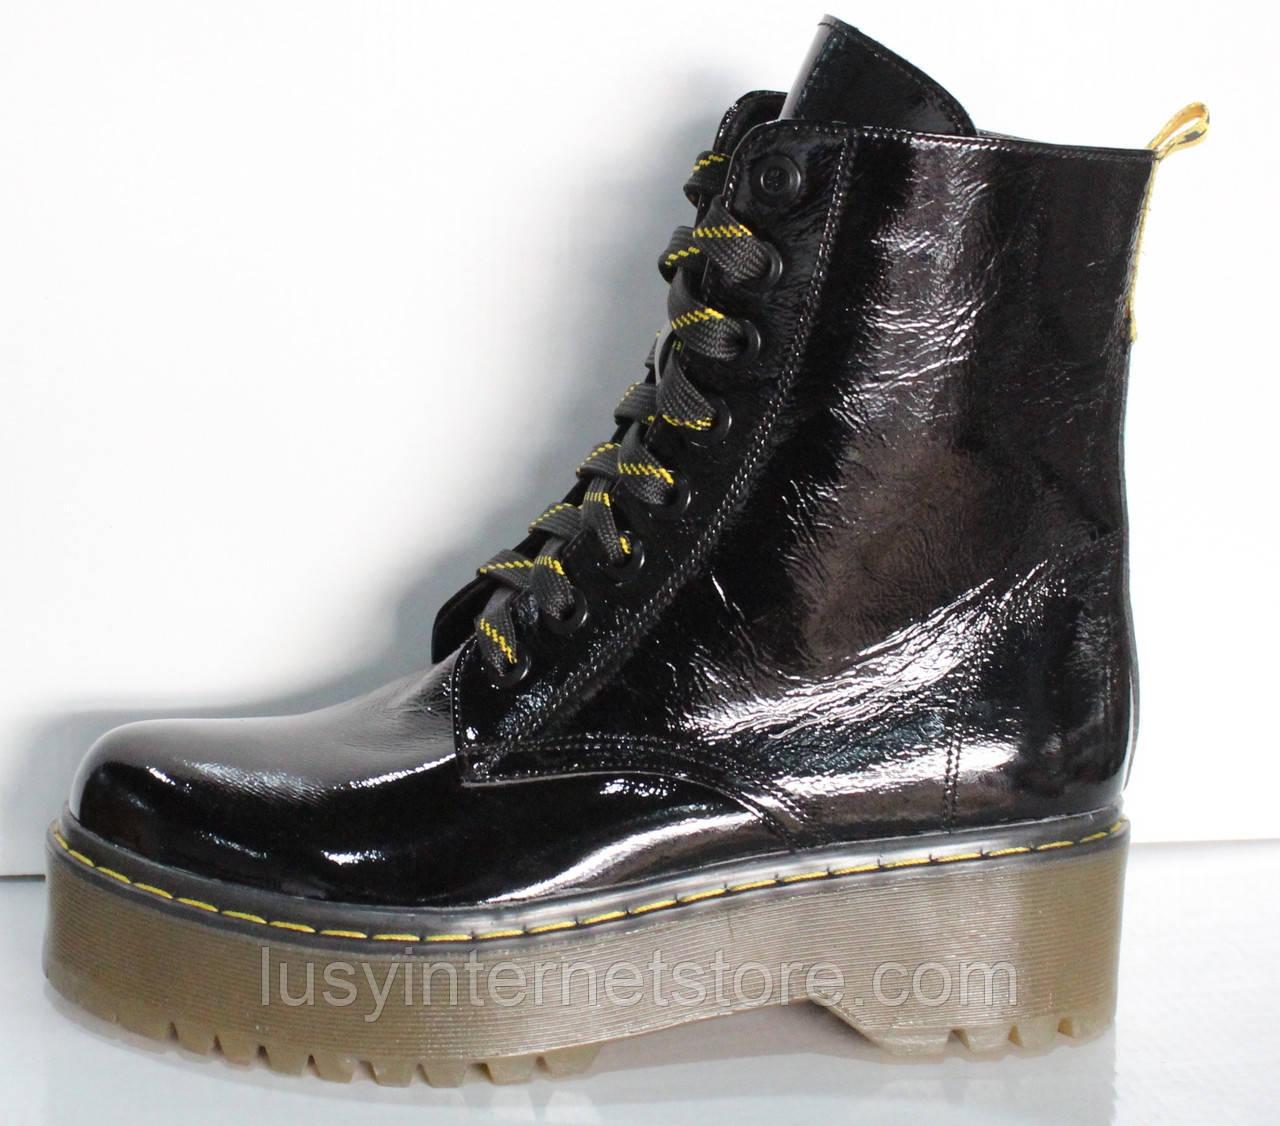 Мартинсы лаковые черные демисезонные женские от производителя модель КЛ900Л